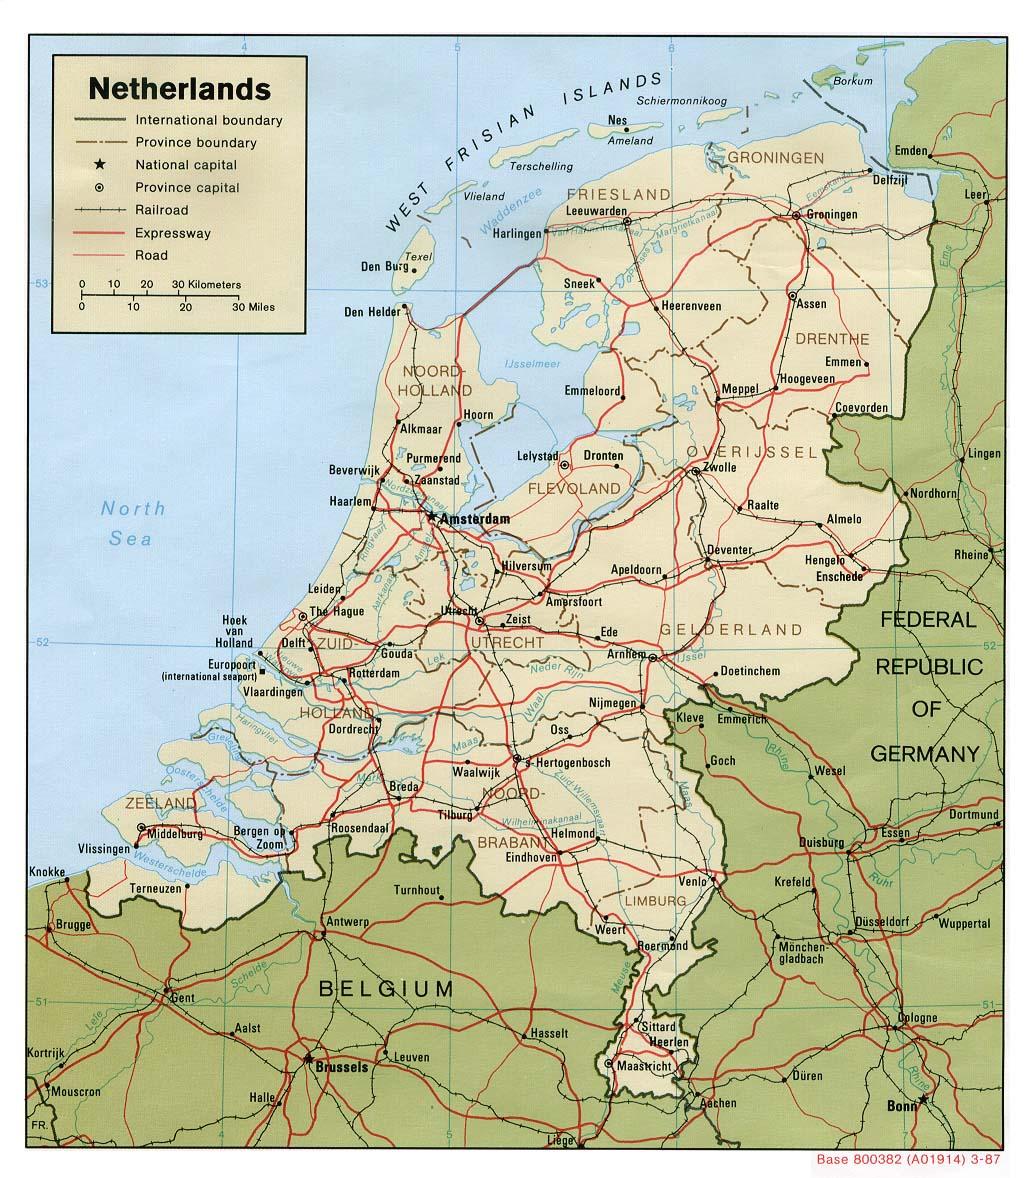 Mapa Politico de los Países Bajos